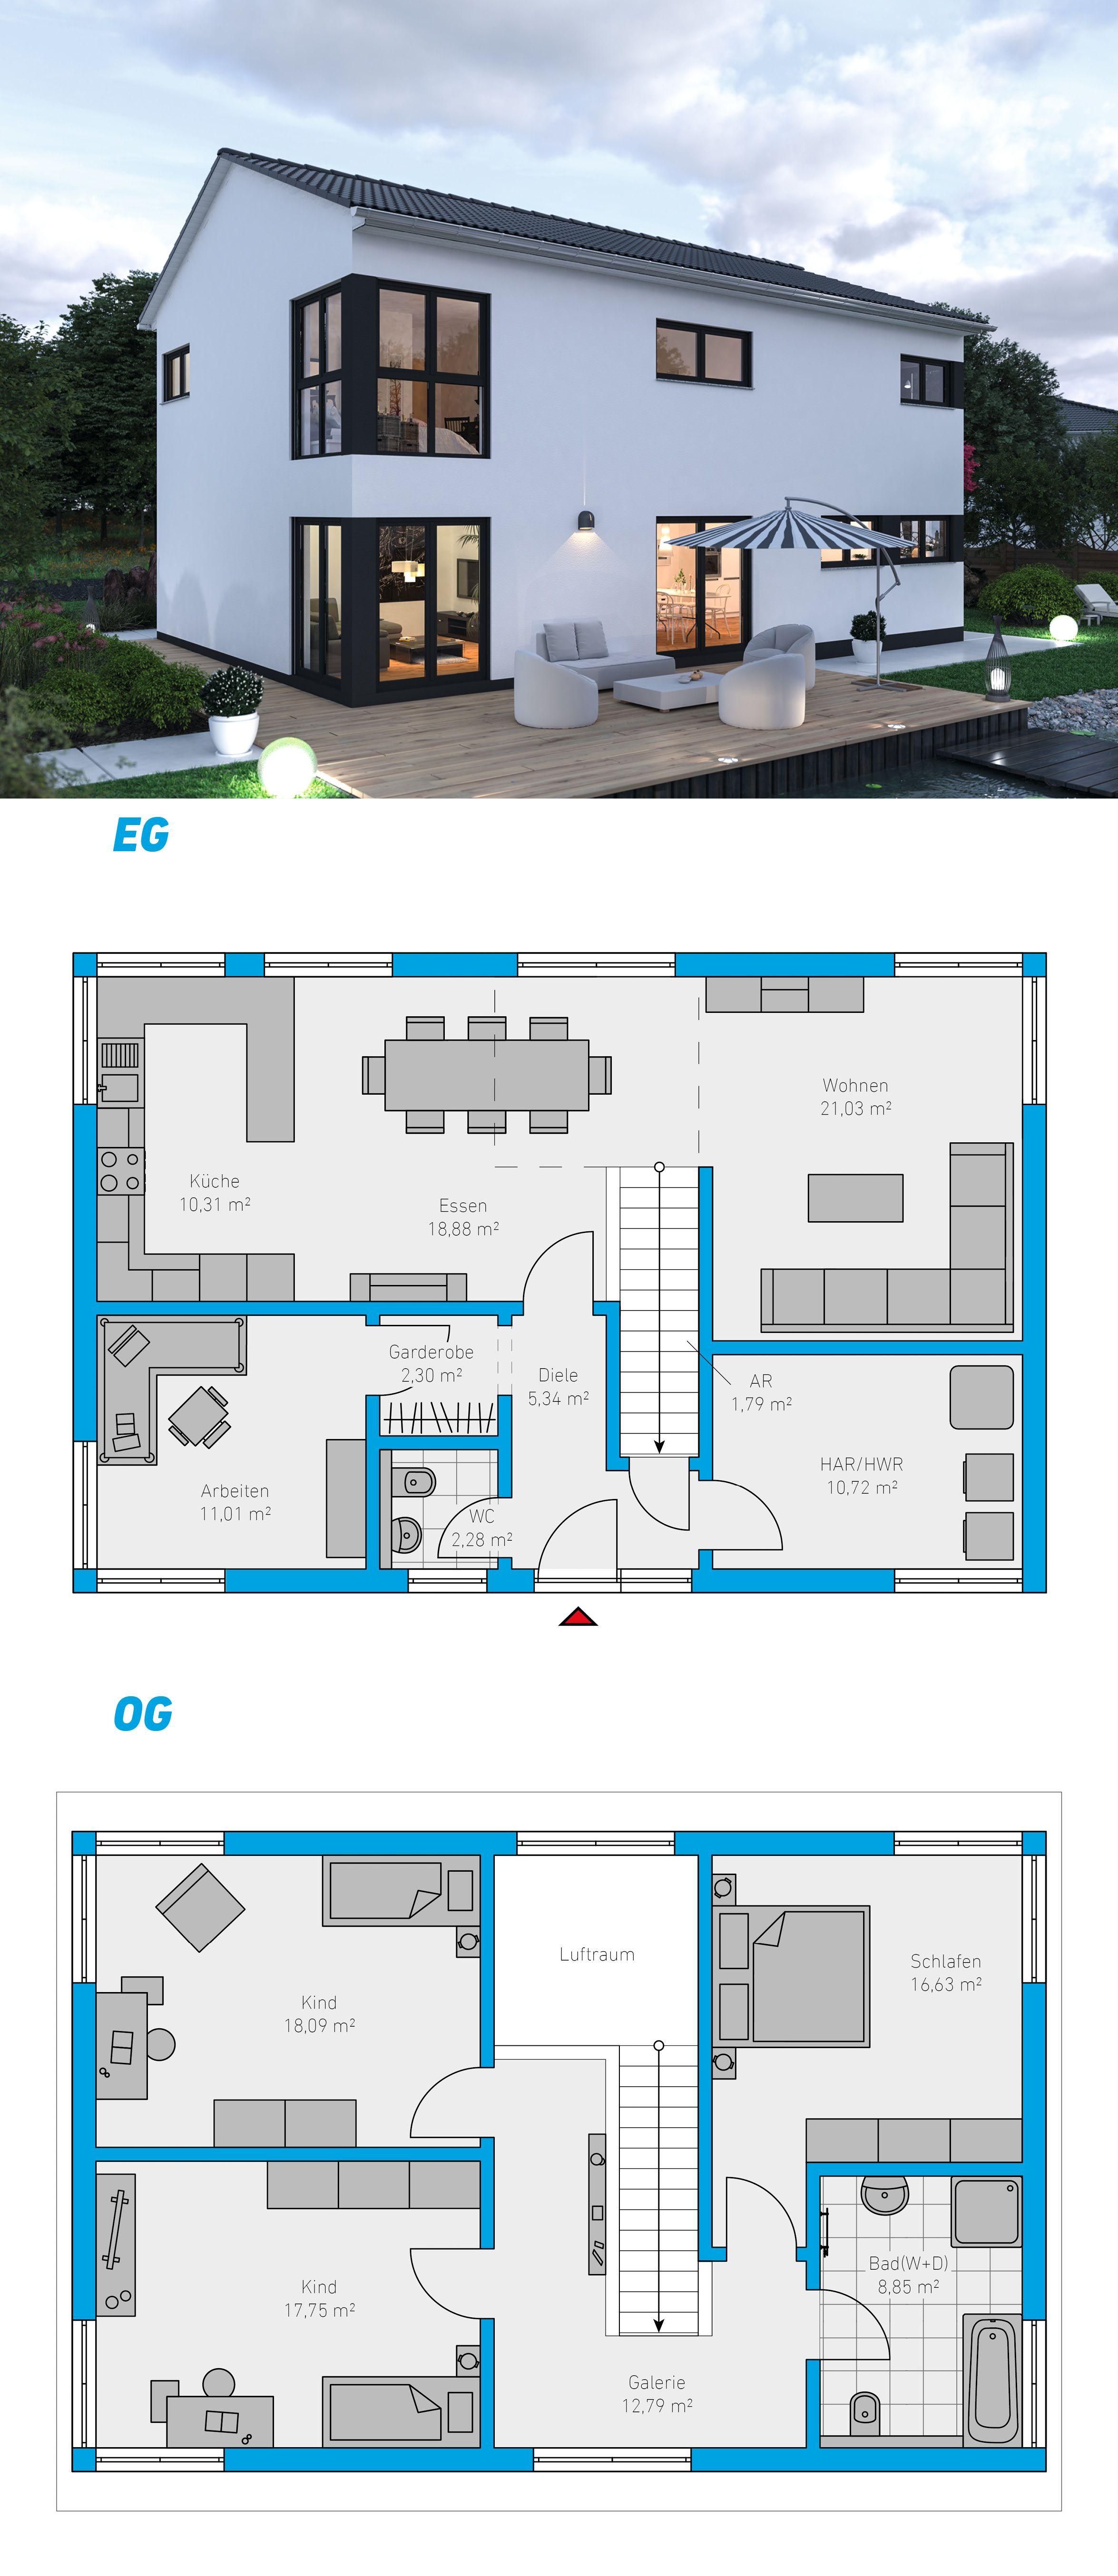 Edita 158 Schlusselfertiges Massivhaus 2 Geschossig Spektralhaus Ingutenwanden 2geschossig Grundriss Hausbau Mas Haus Bauen Haus Grundriss Bauplan Haus